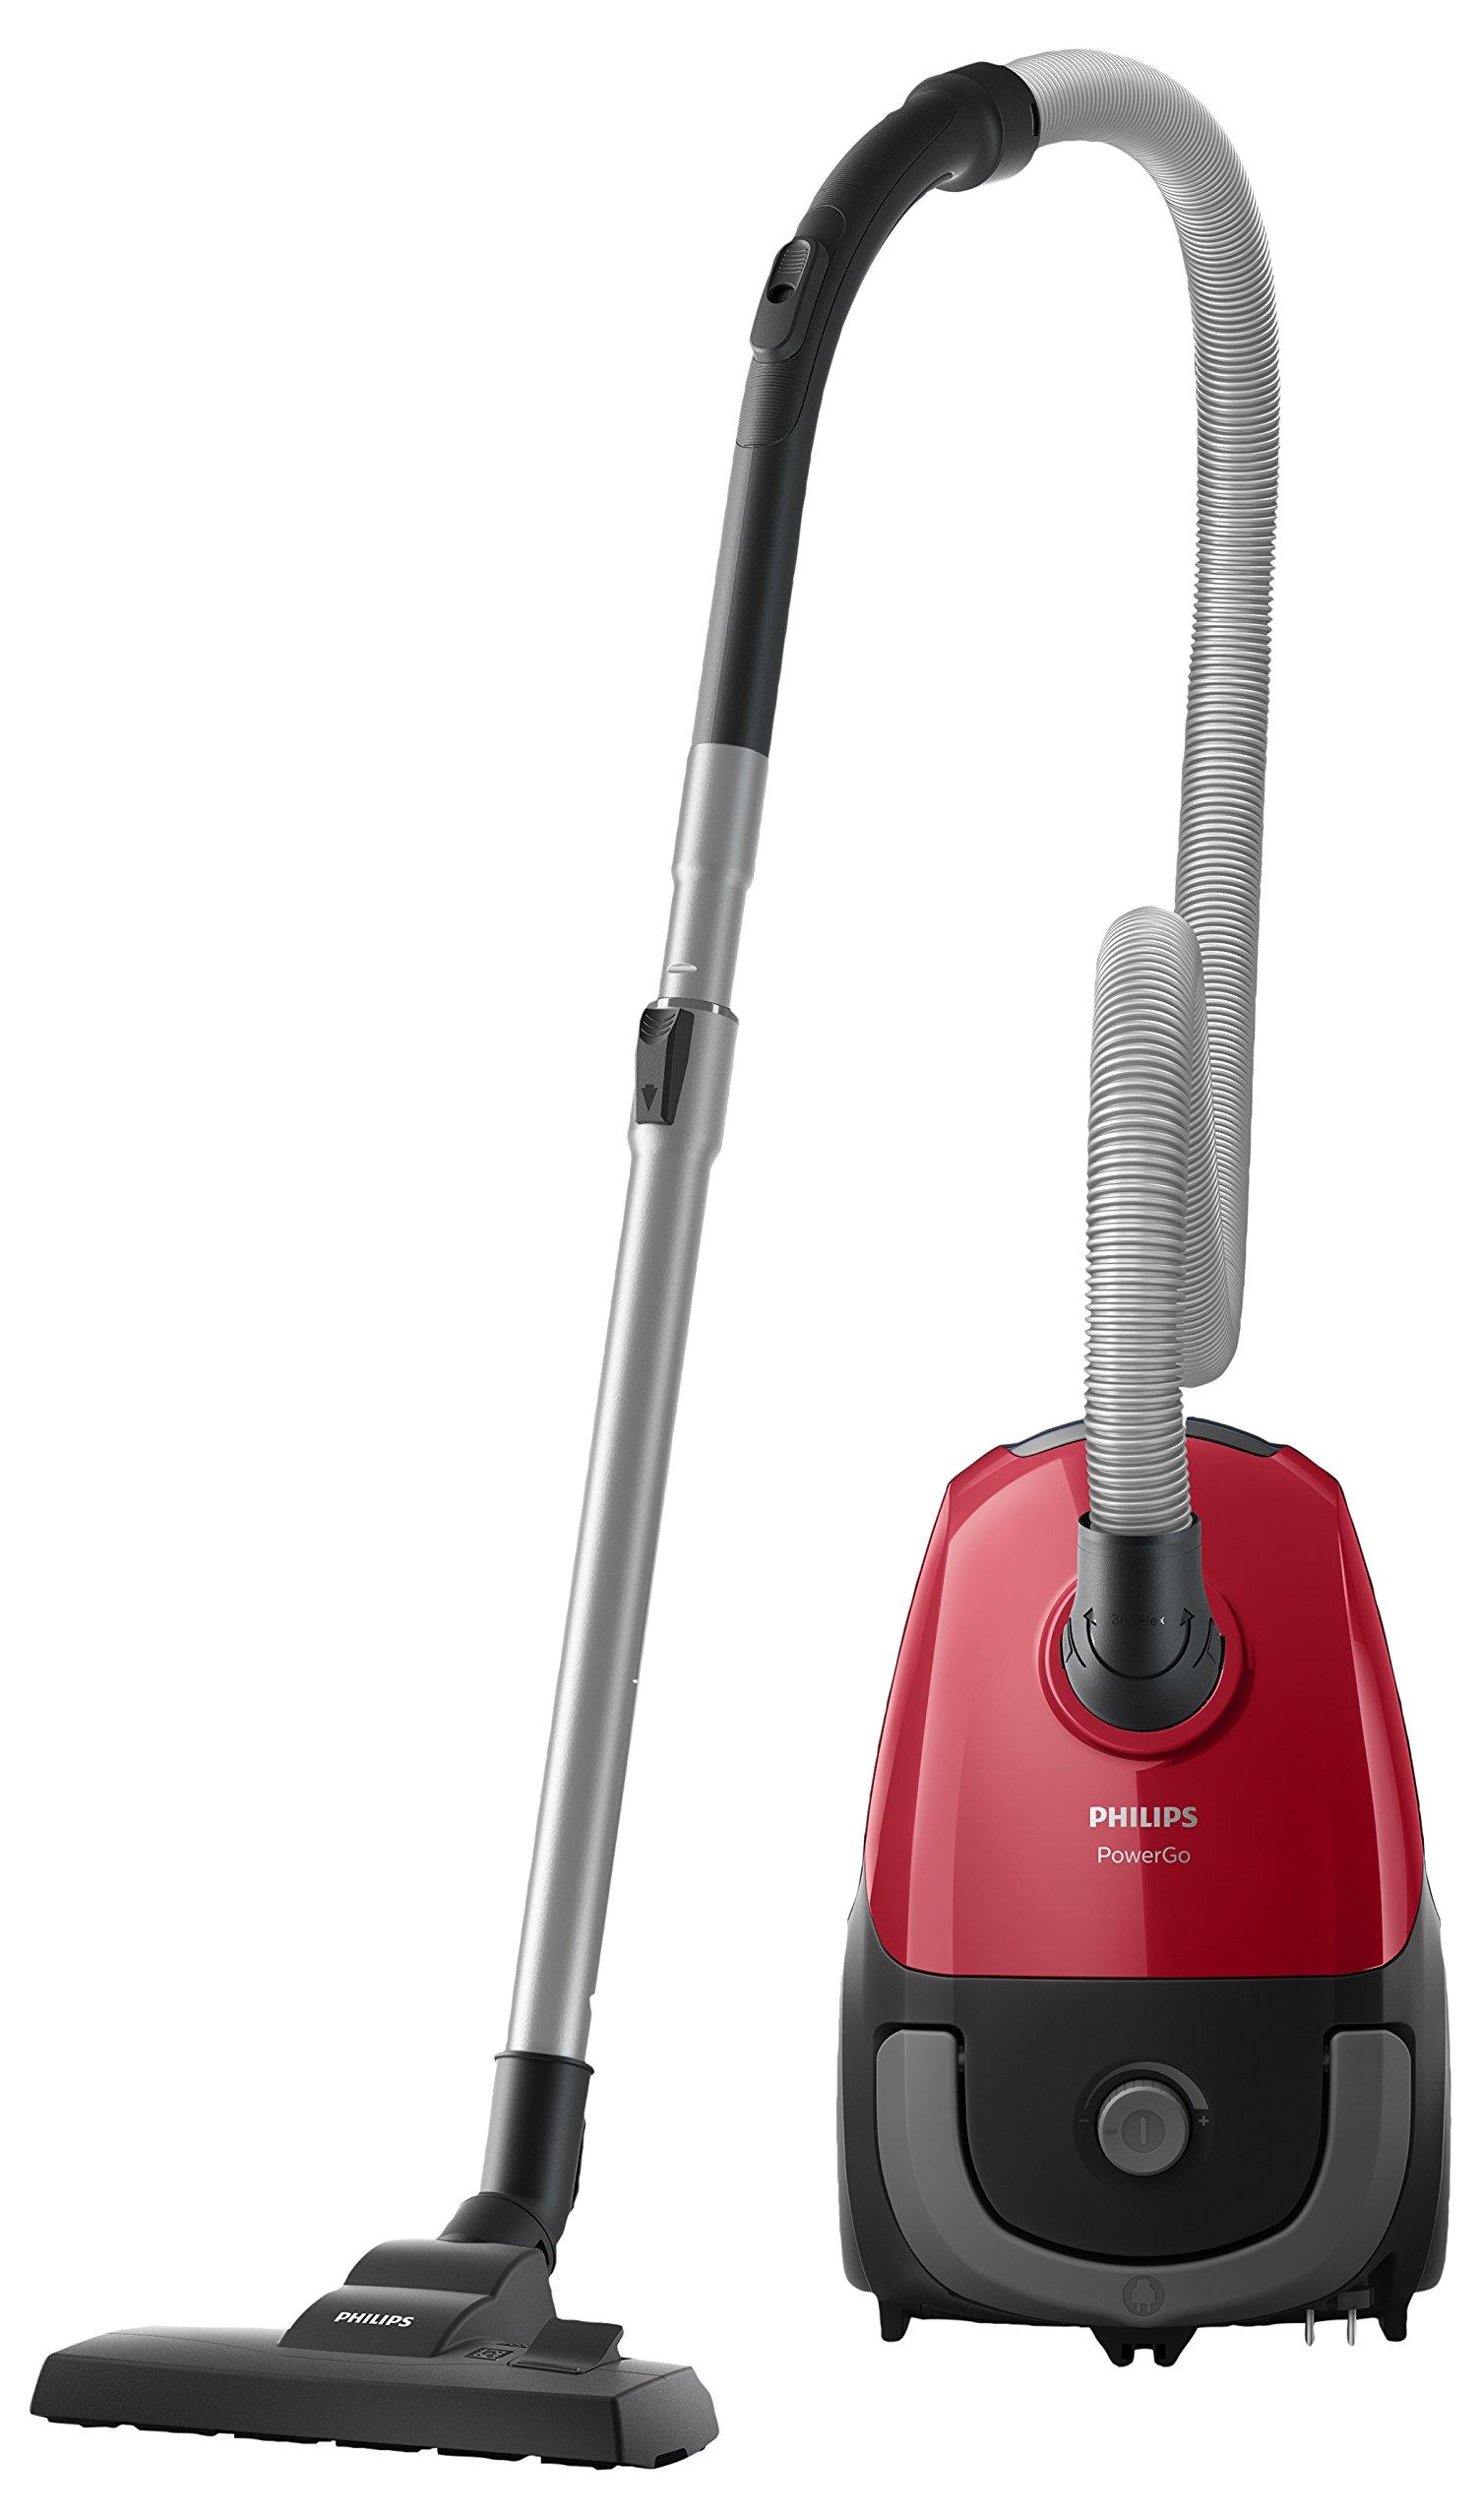 Philips Aspirador con bolsa FC8243/09, 750 W, 3 litros, 77 Decibelios, Plástico, Negro, Rojo: Amazon.es: Hogar